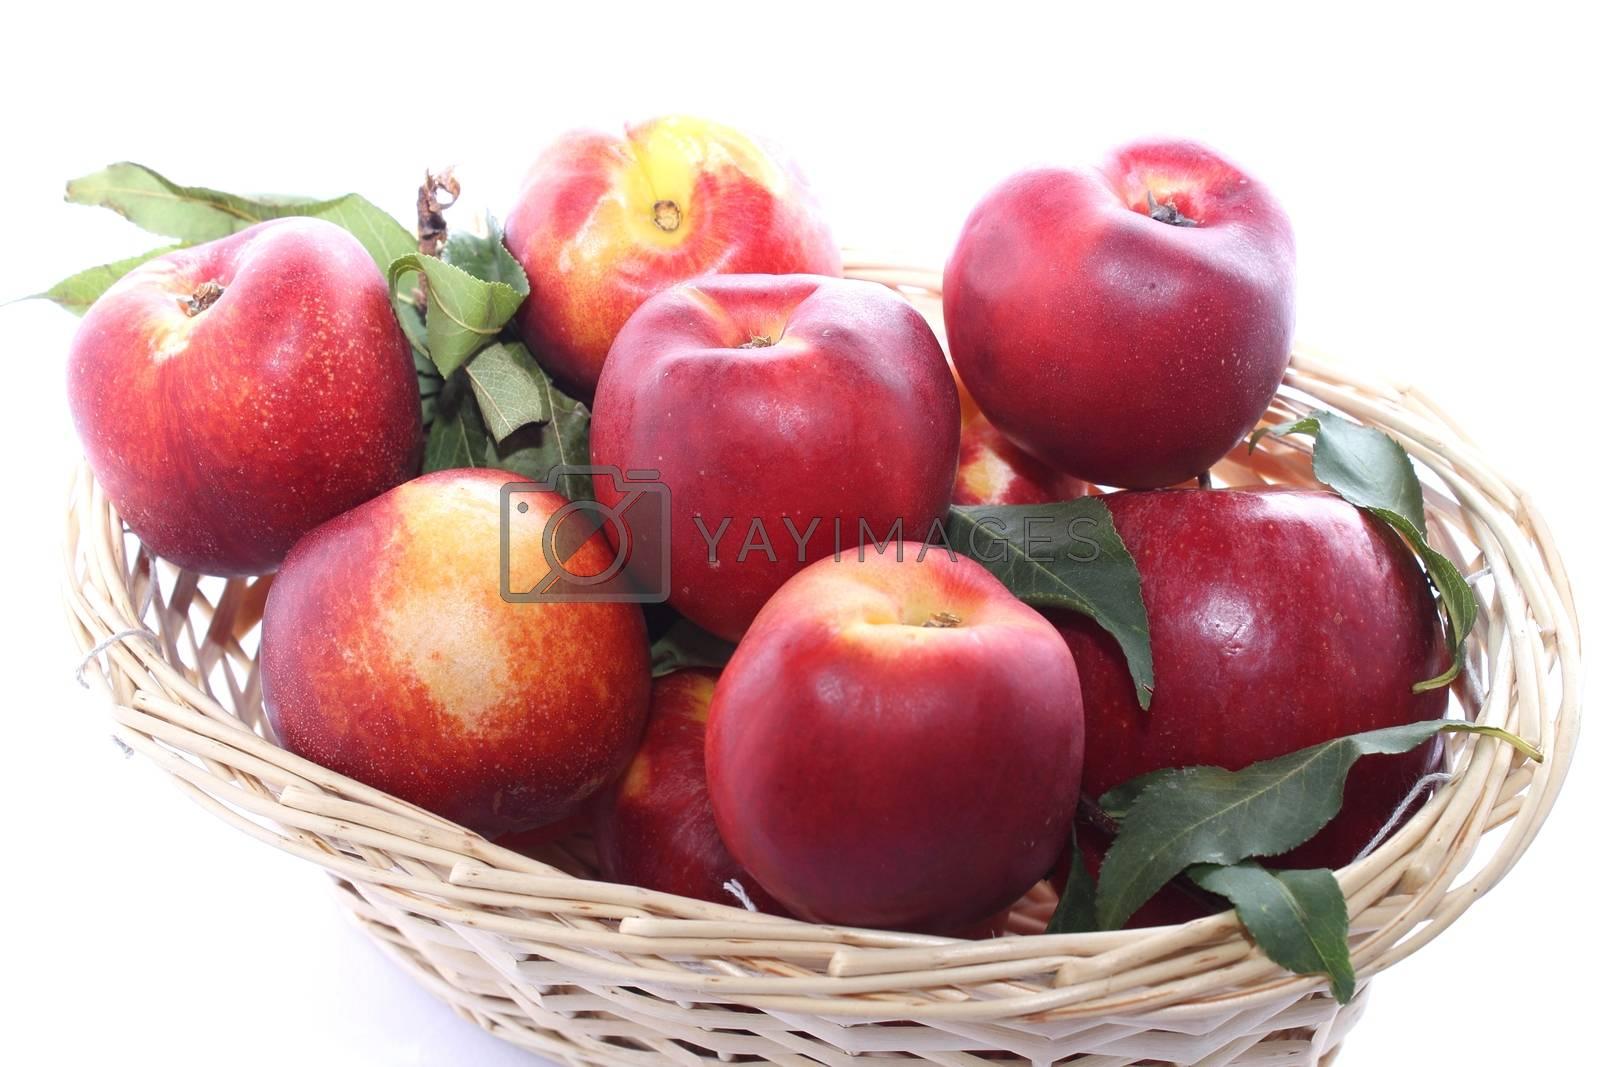 Peaches in wicker basket